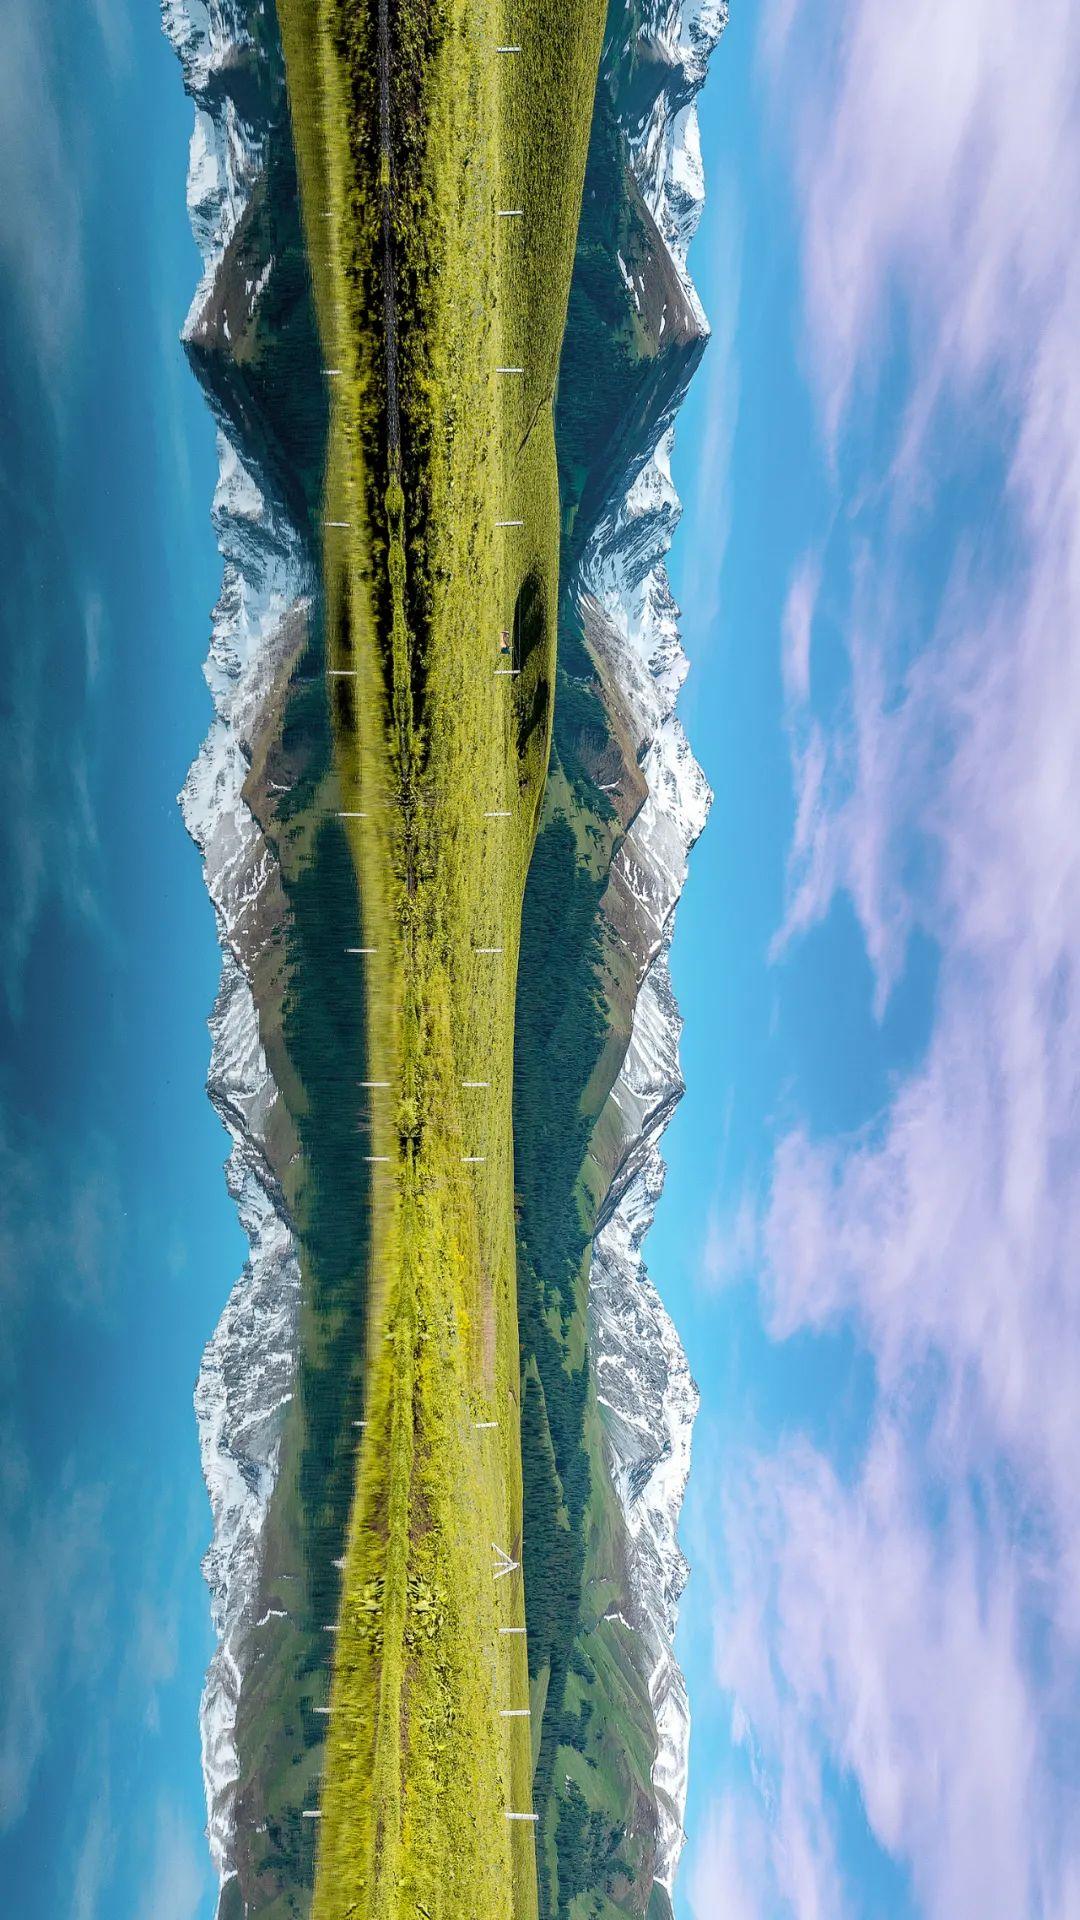 ▲ 那拉提山下的草原,倒映在深蓝的湖水之中。摄影/万瑞